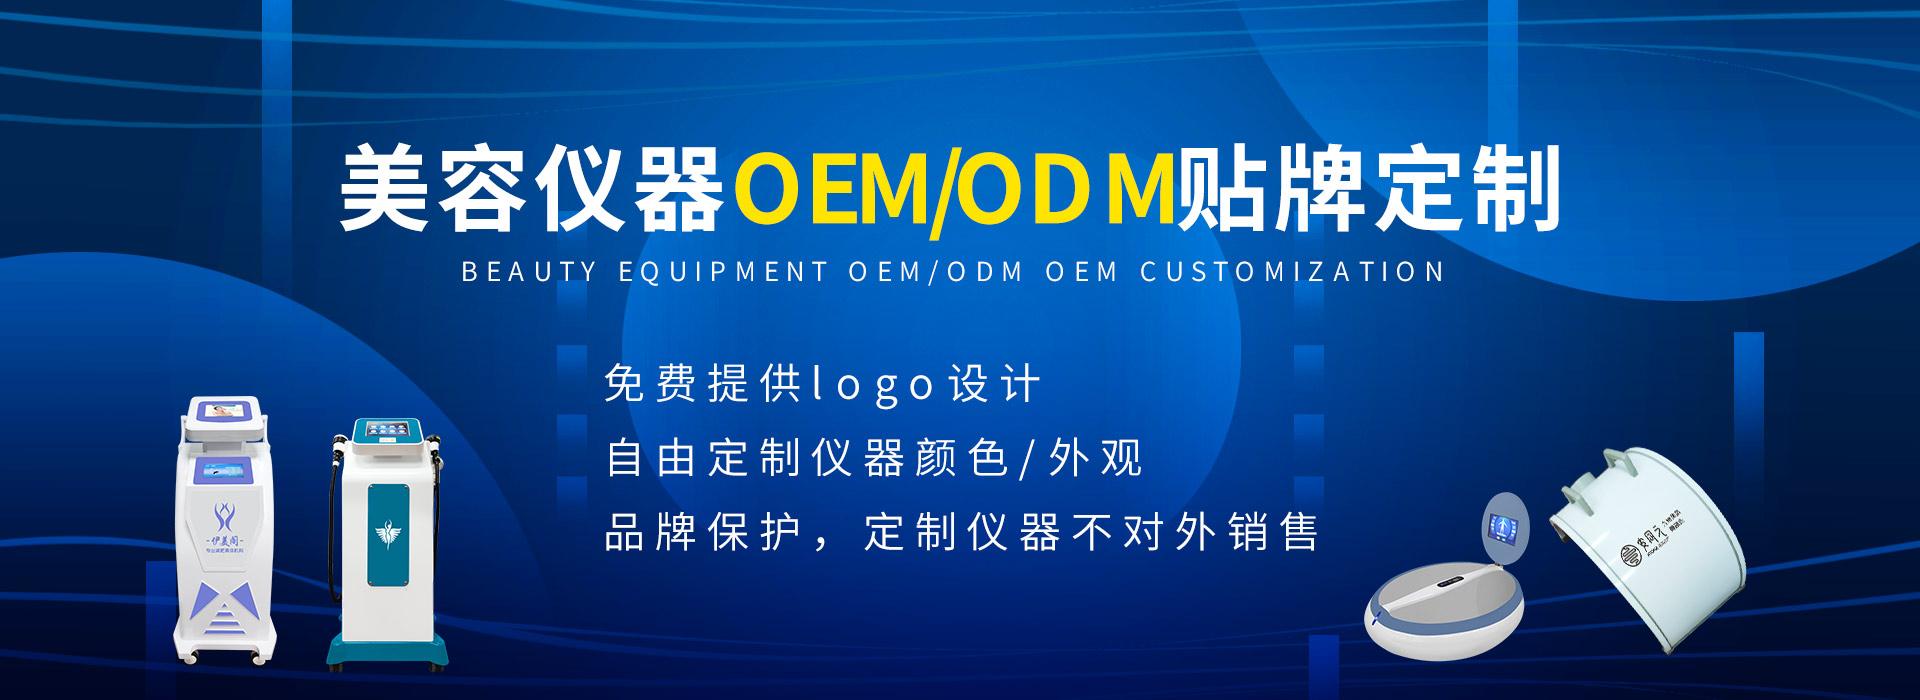 广州磊洋美容仪器厂家提供各类美容仪器批发及OEM/ODM定制服务